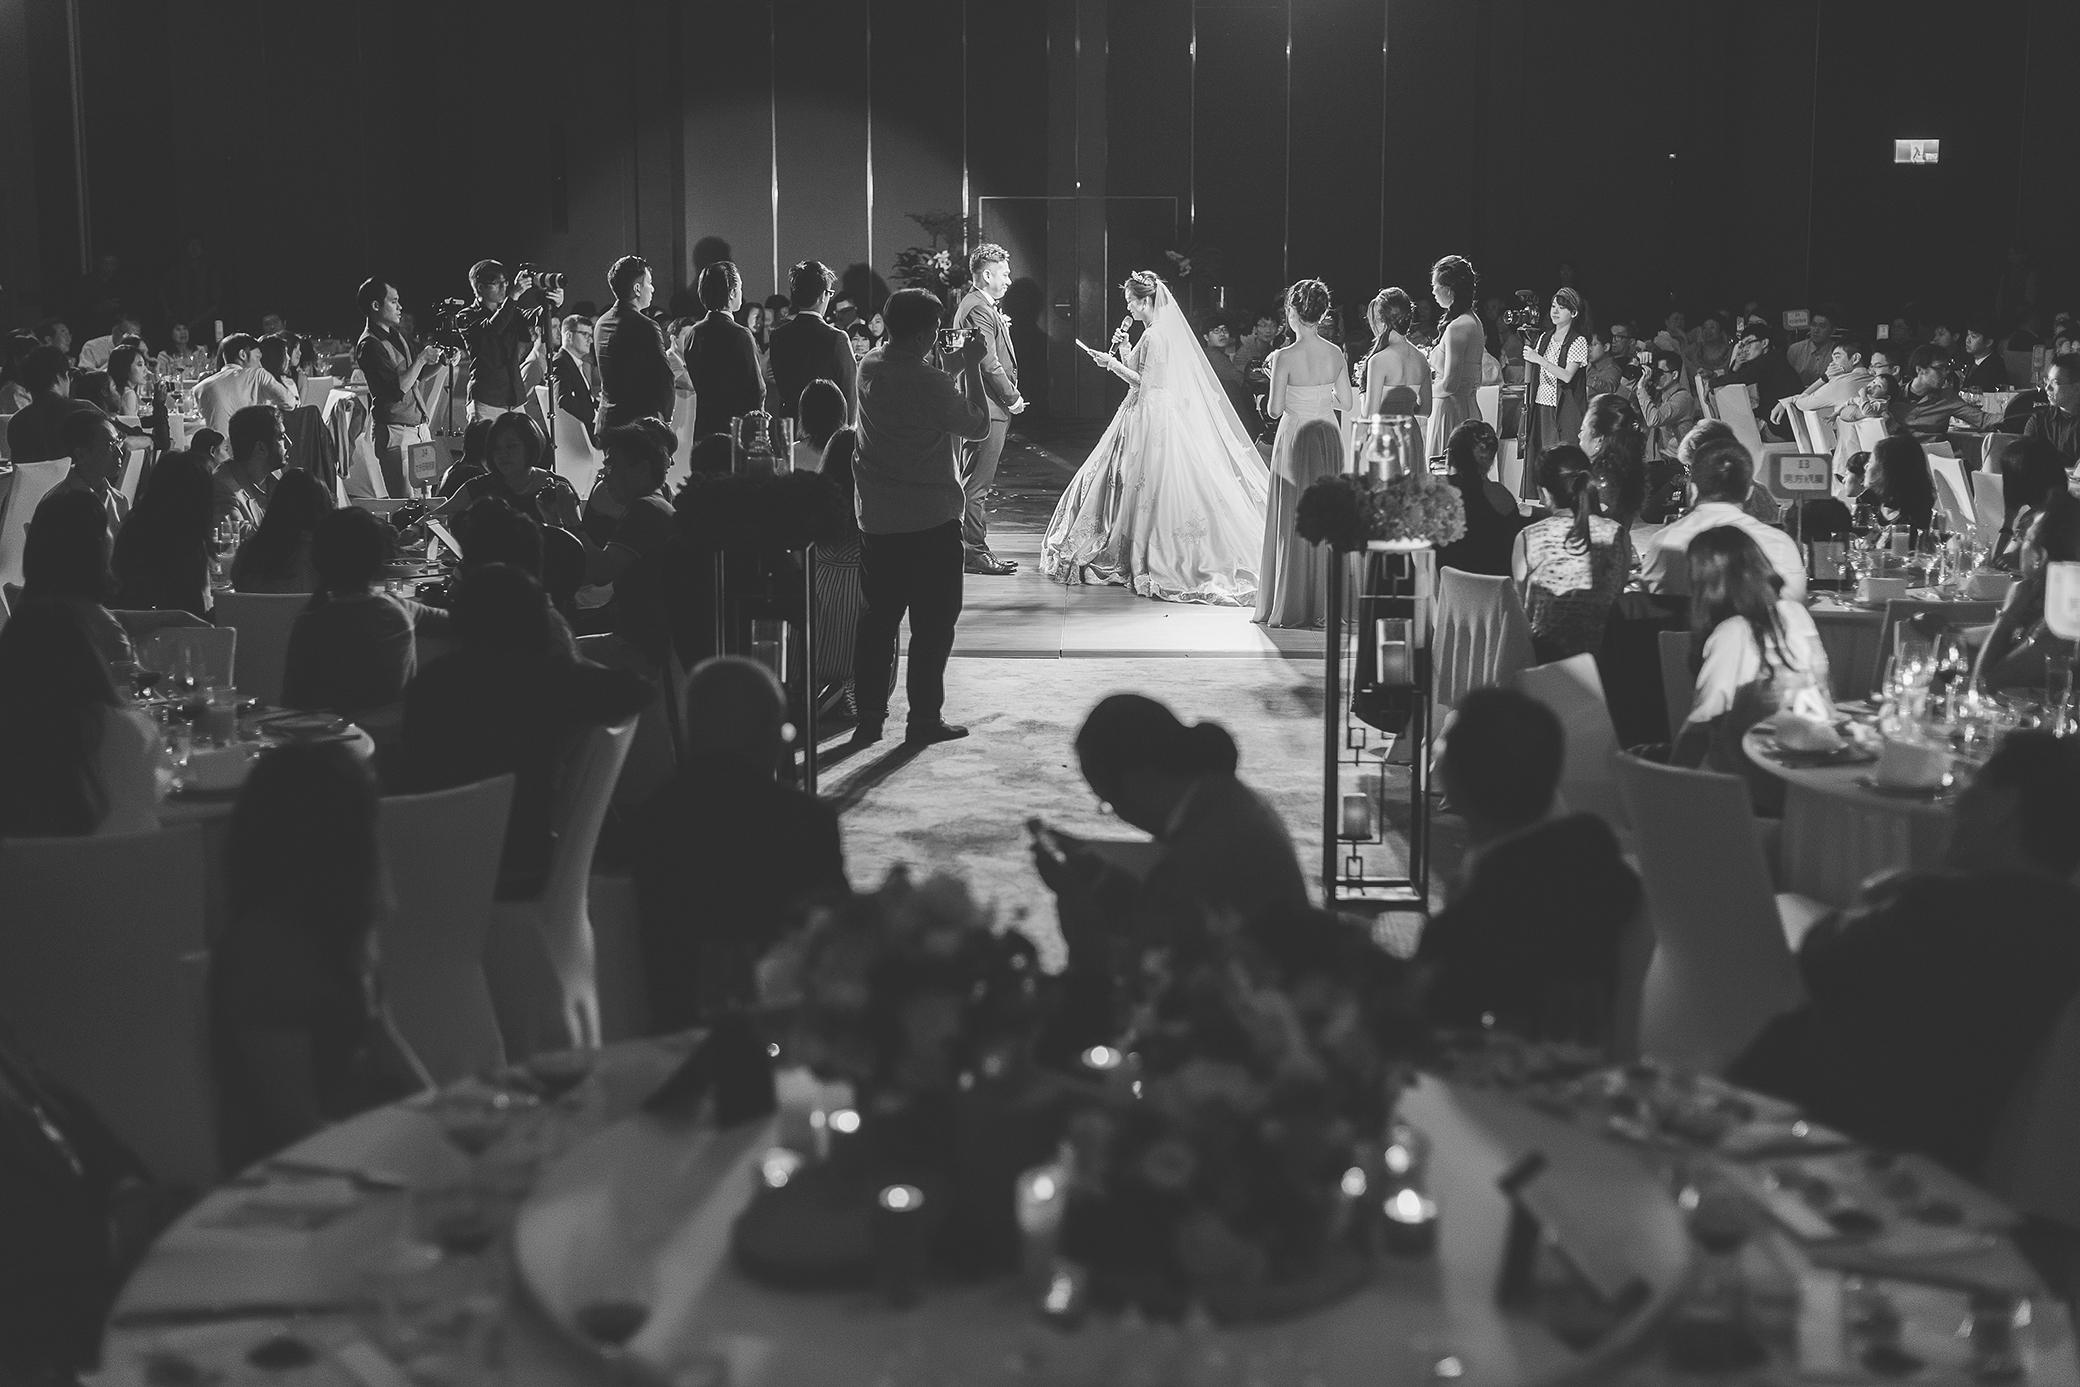 nickchang-wedding-%e5%af%92%e8%88%8d%e8%89%be%e9%ba%97-fineart-48